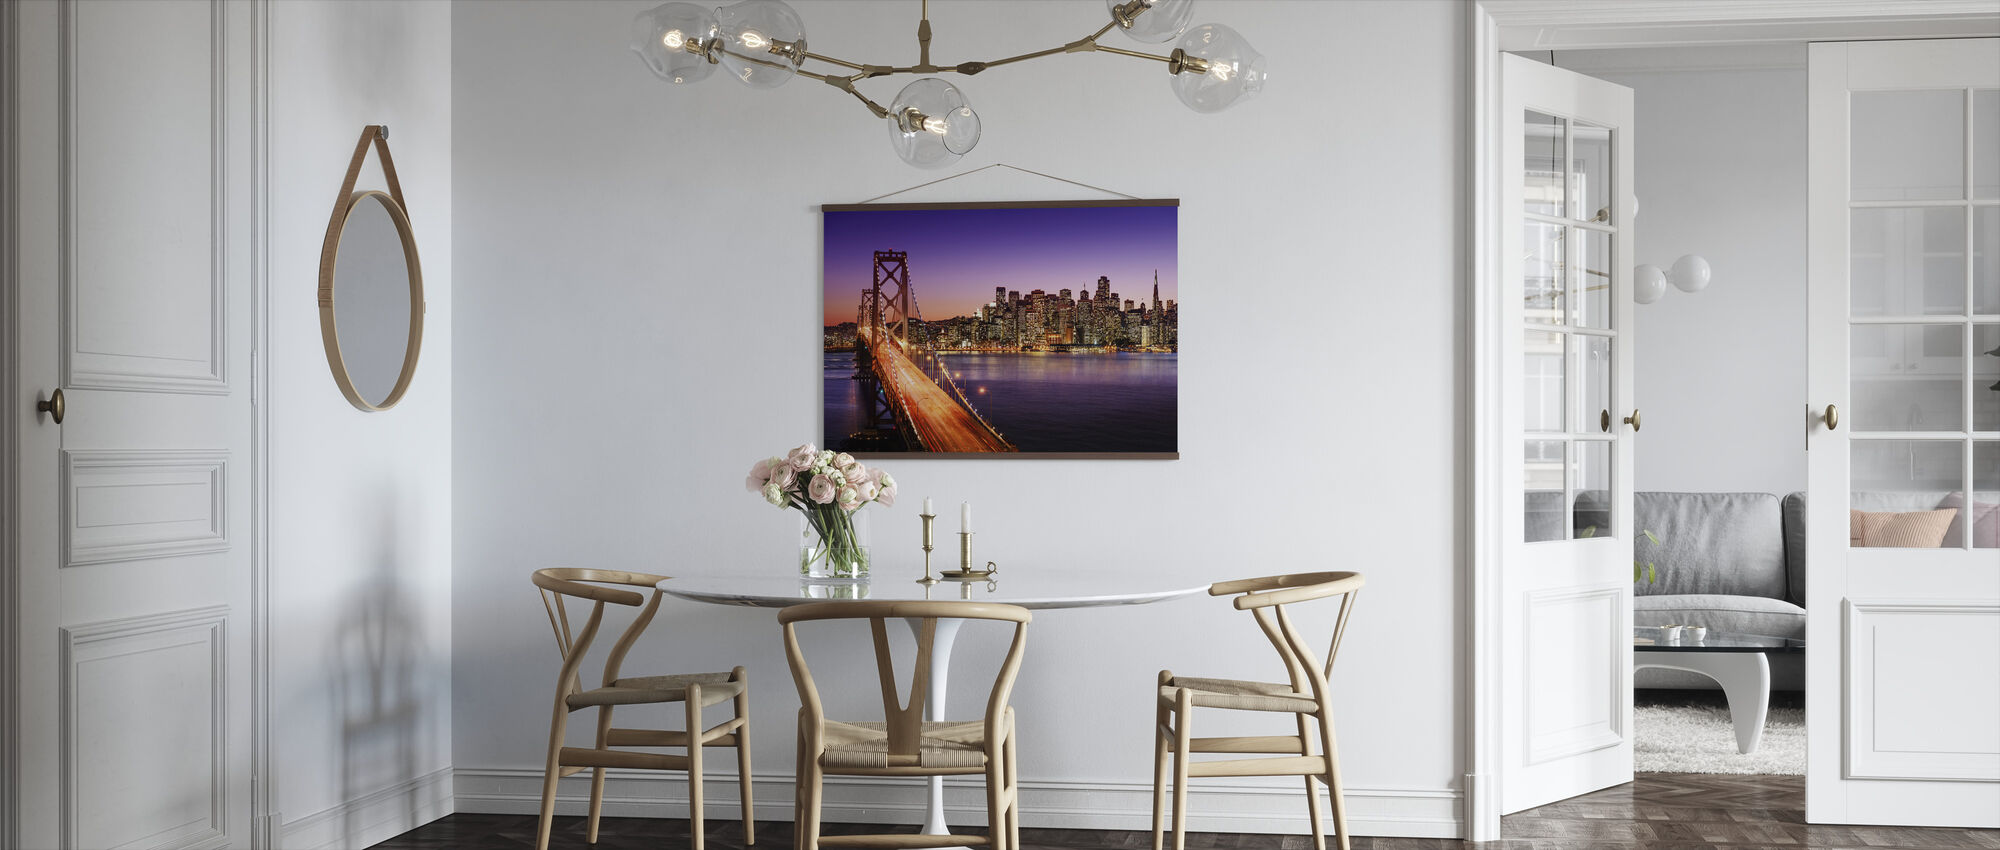 San Francisco Bay Bridge - Poster - Kitchen